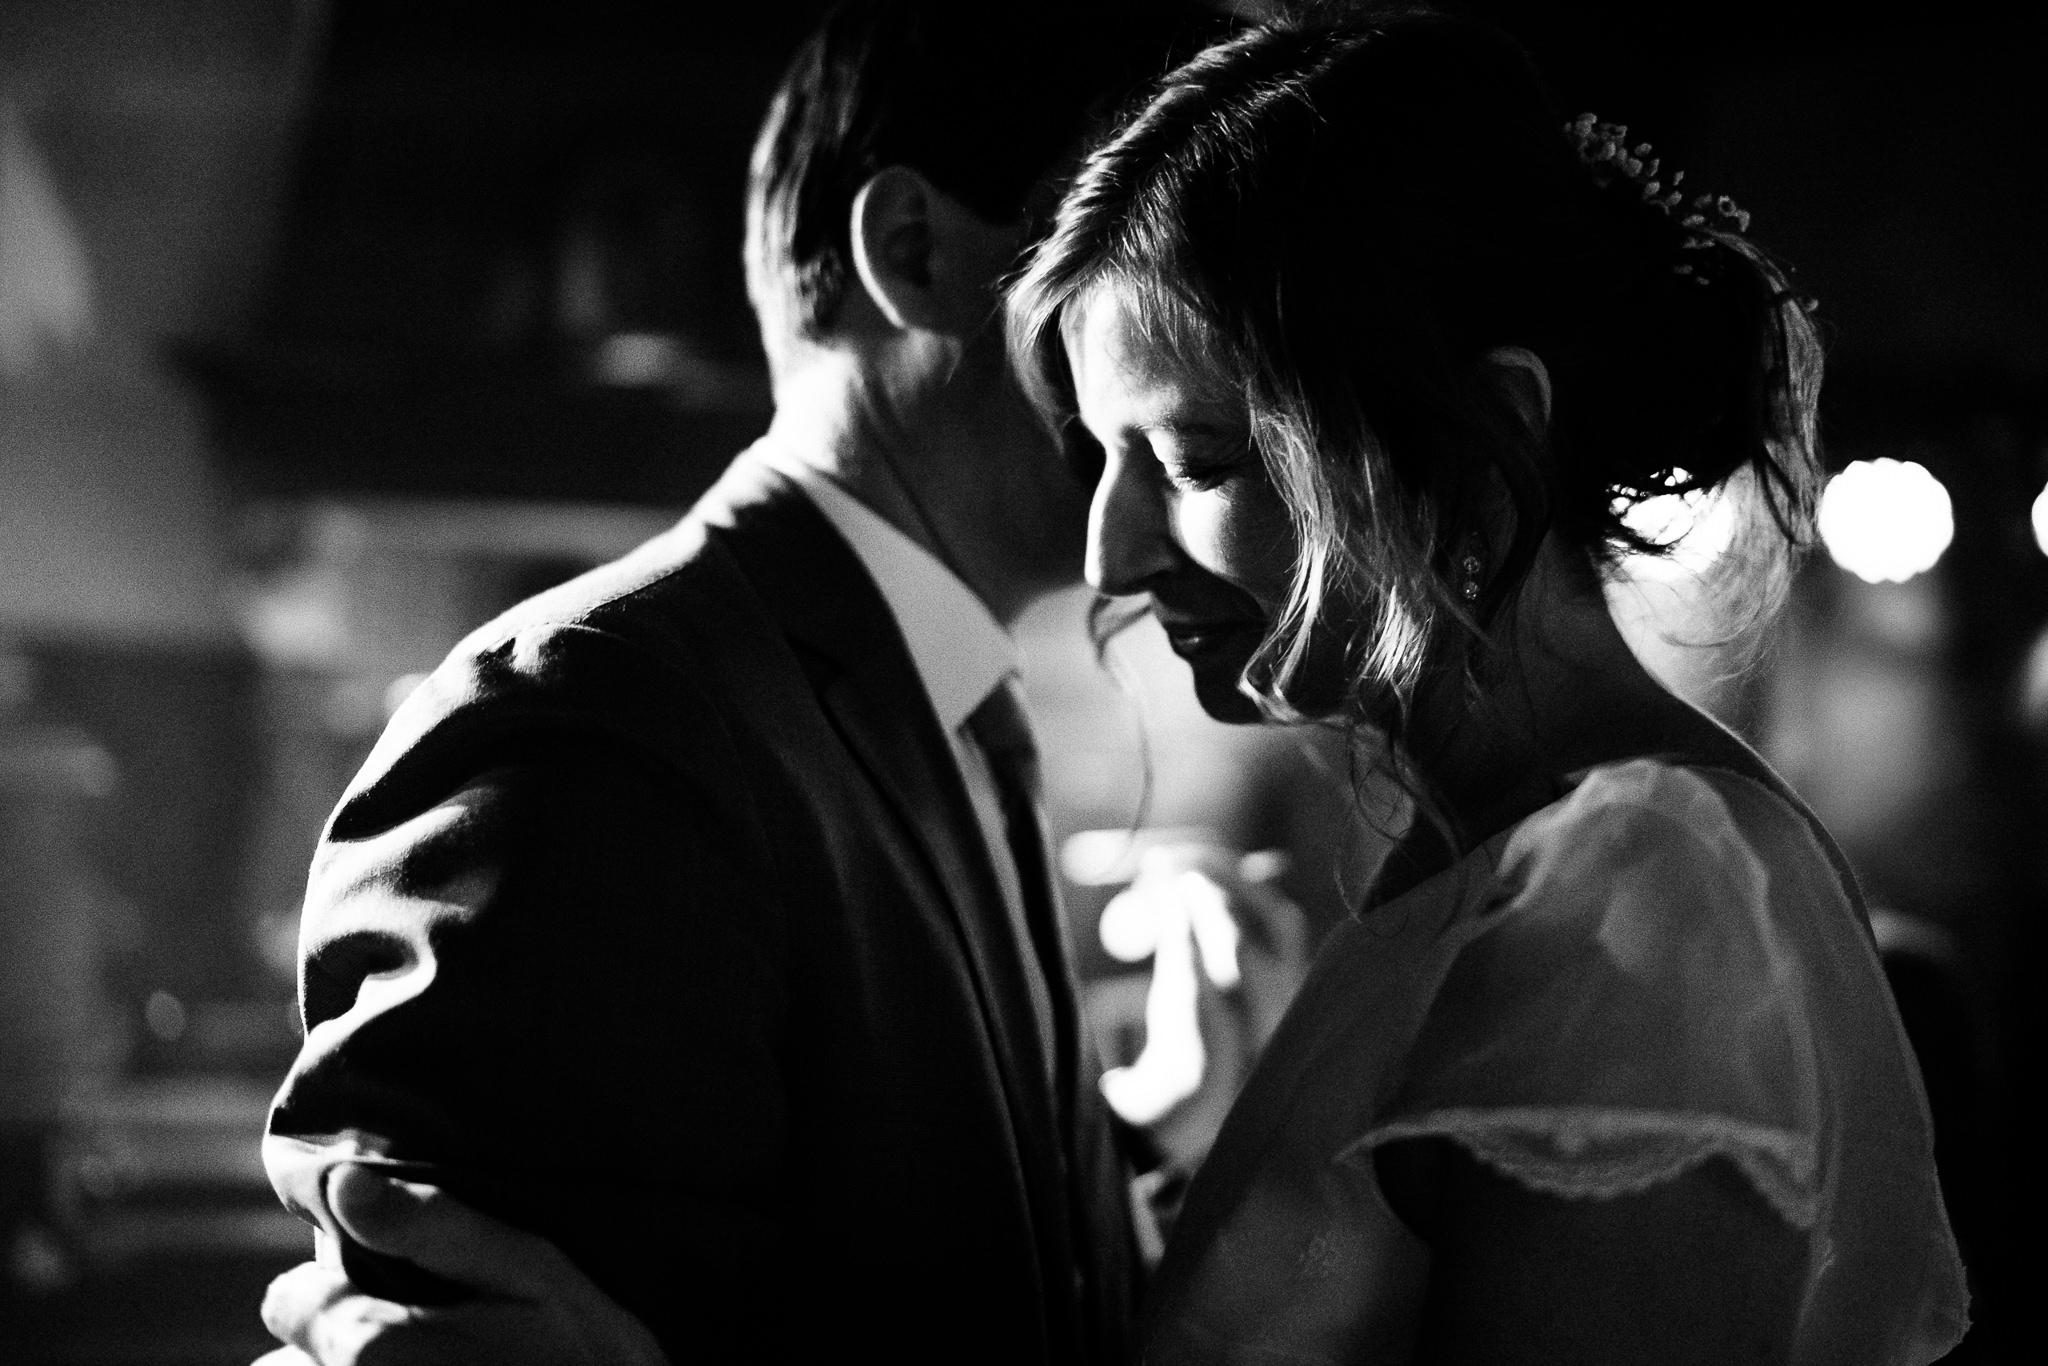 Wedding-Martina&Alexandre-12052018-reduced-316.jpg